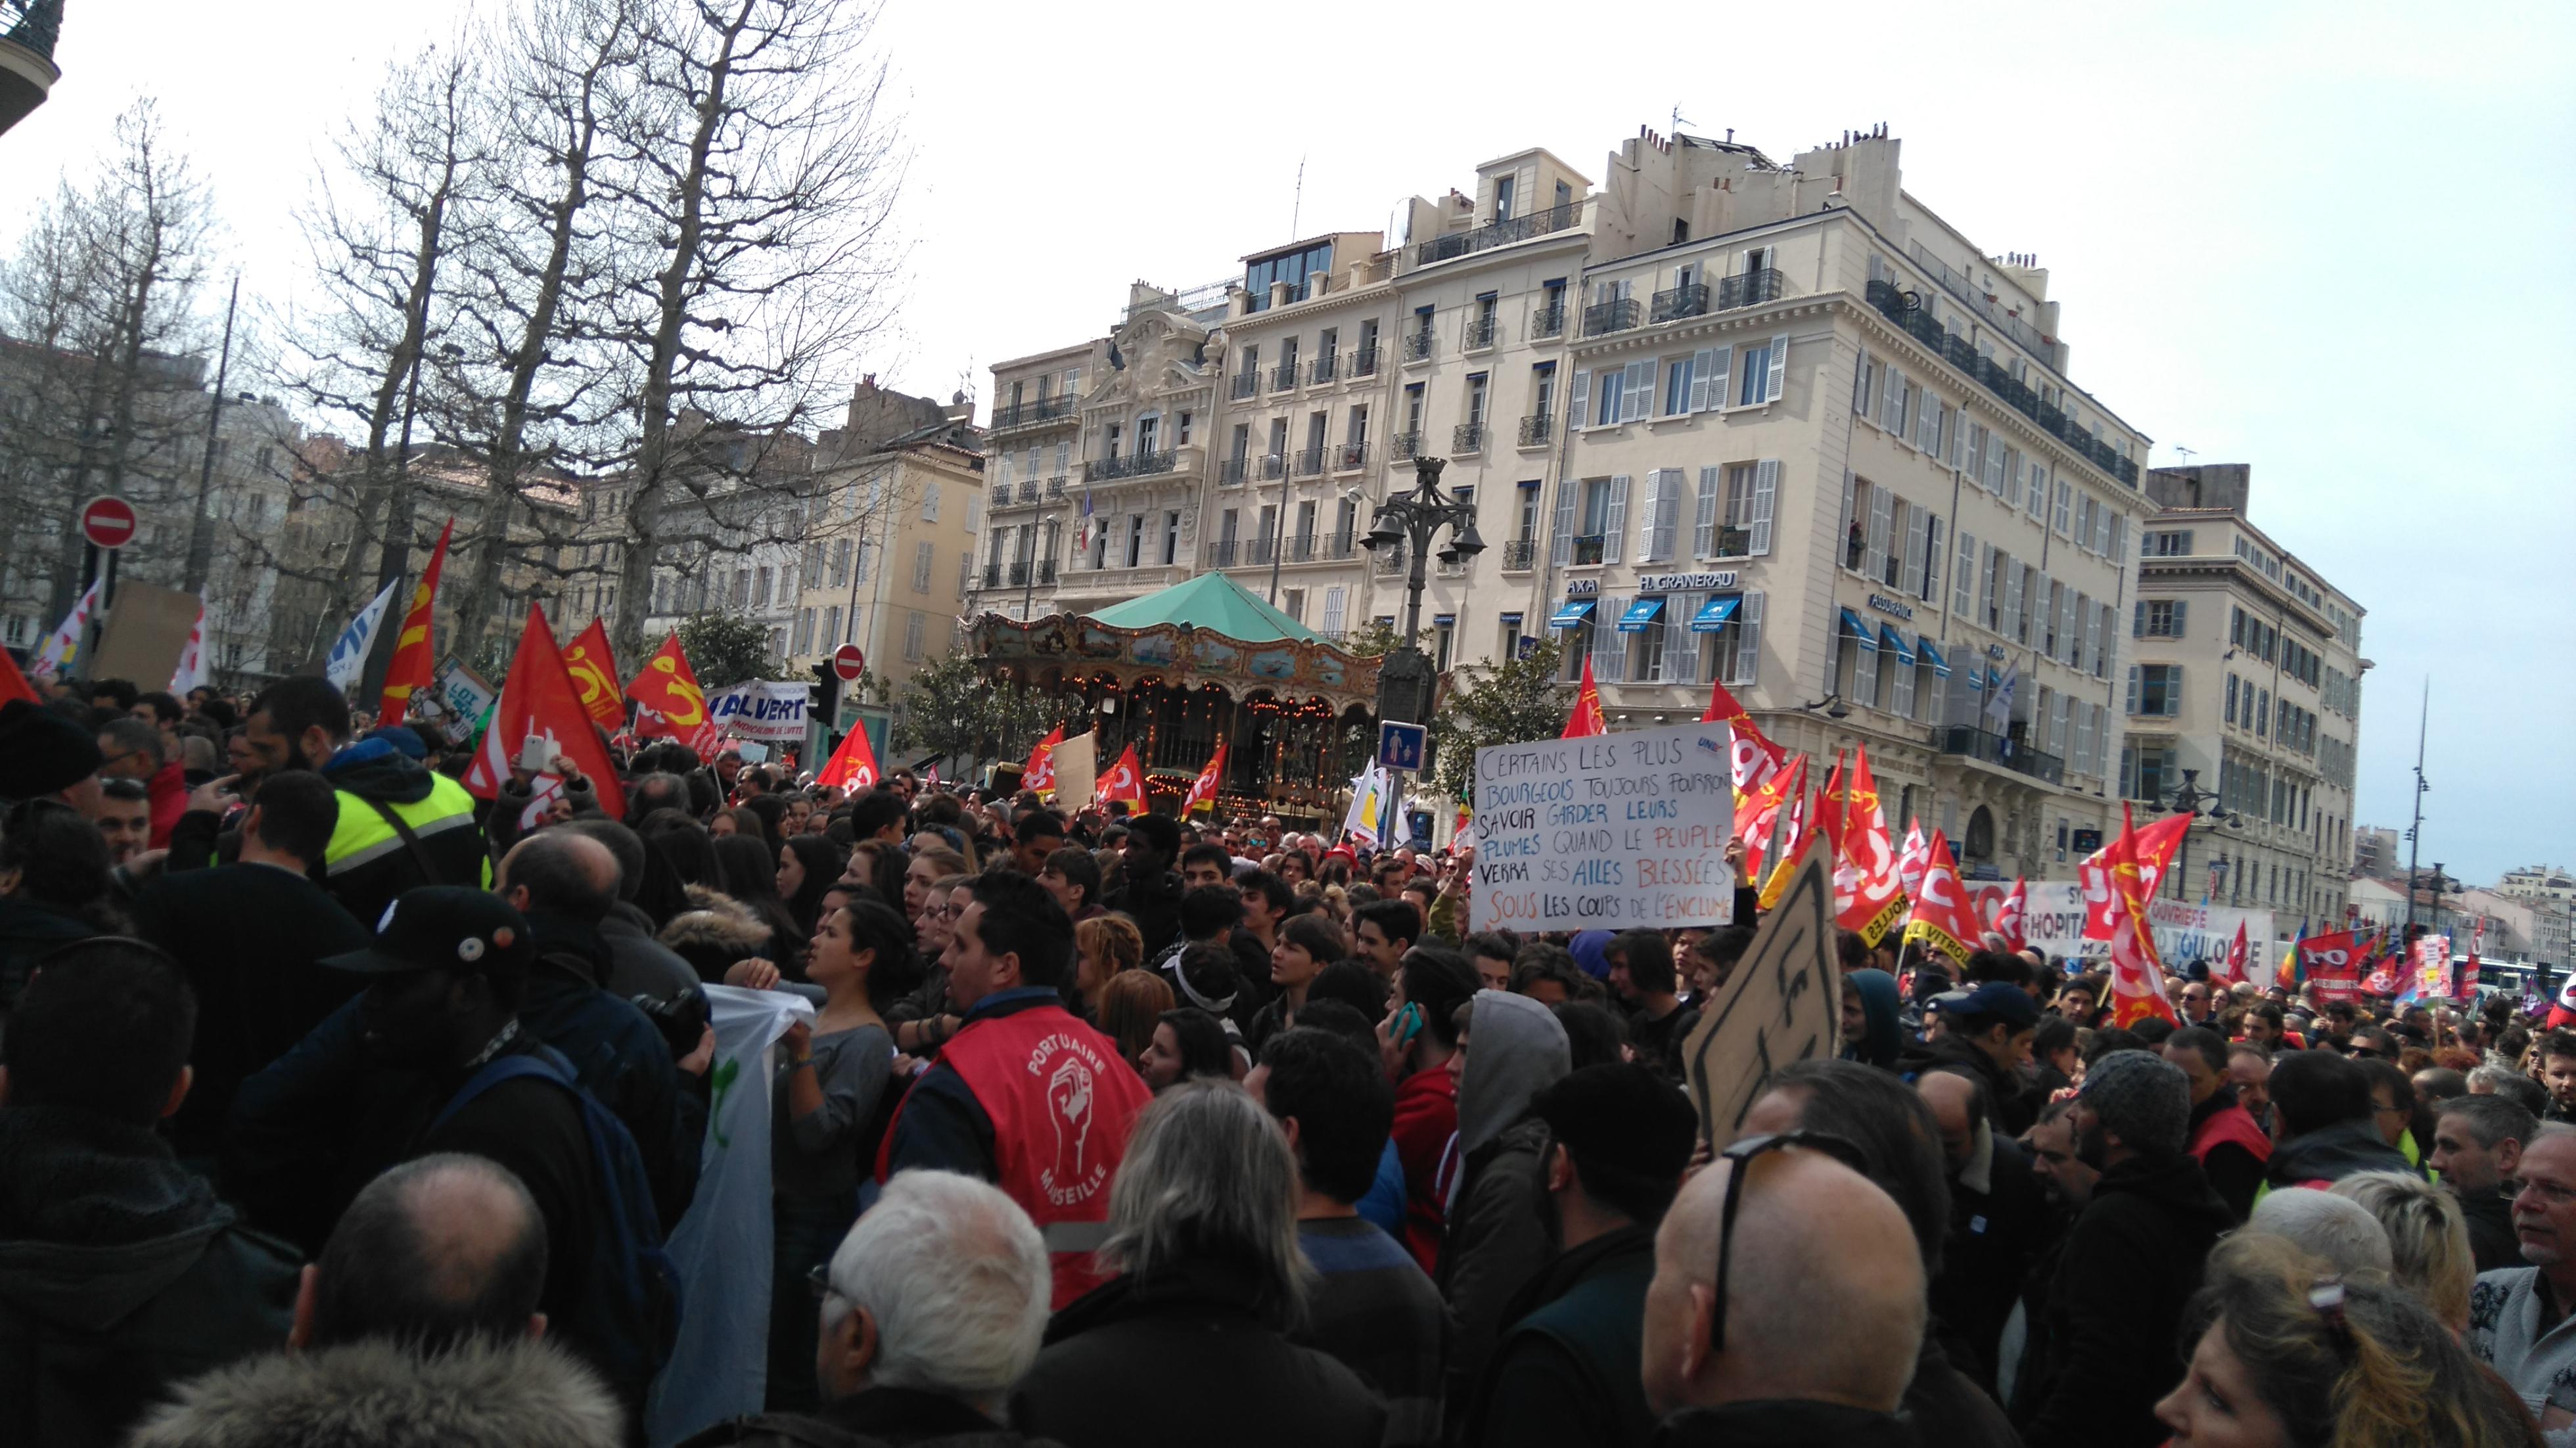 Manifestations contre la loi travail à Marseille cc Wkimedia commons